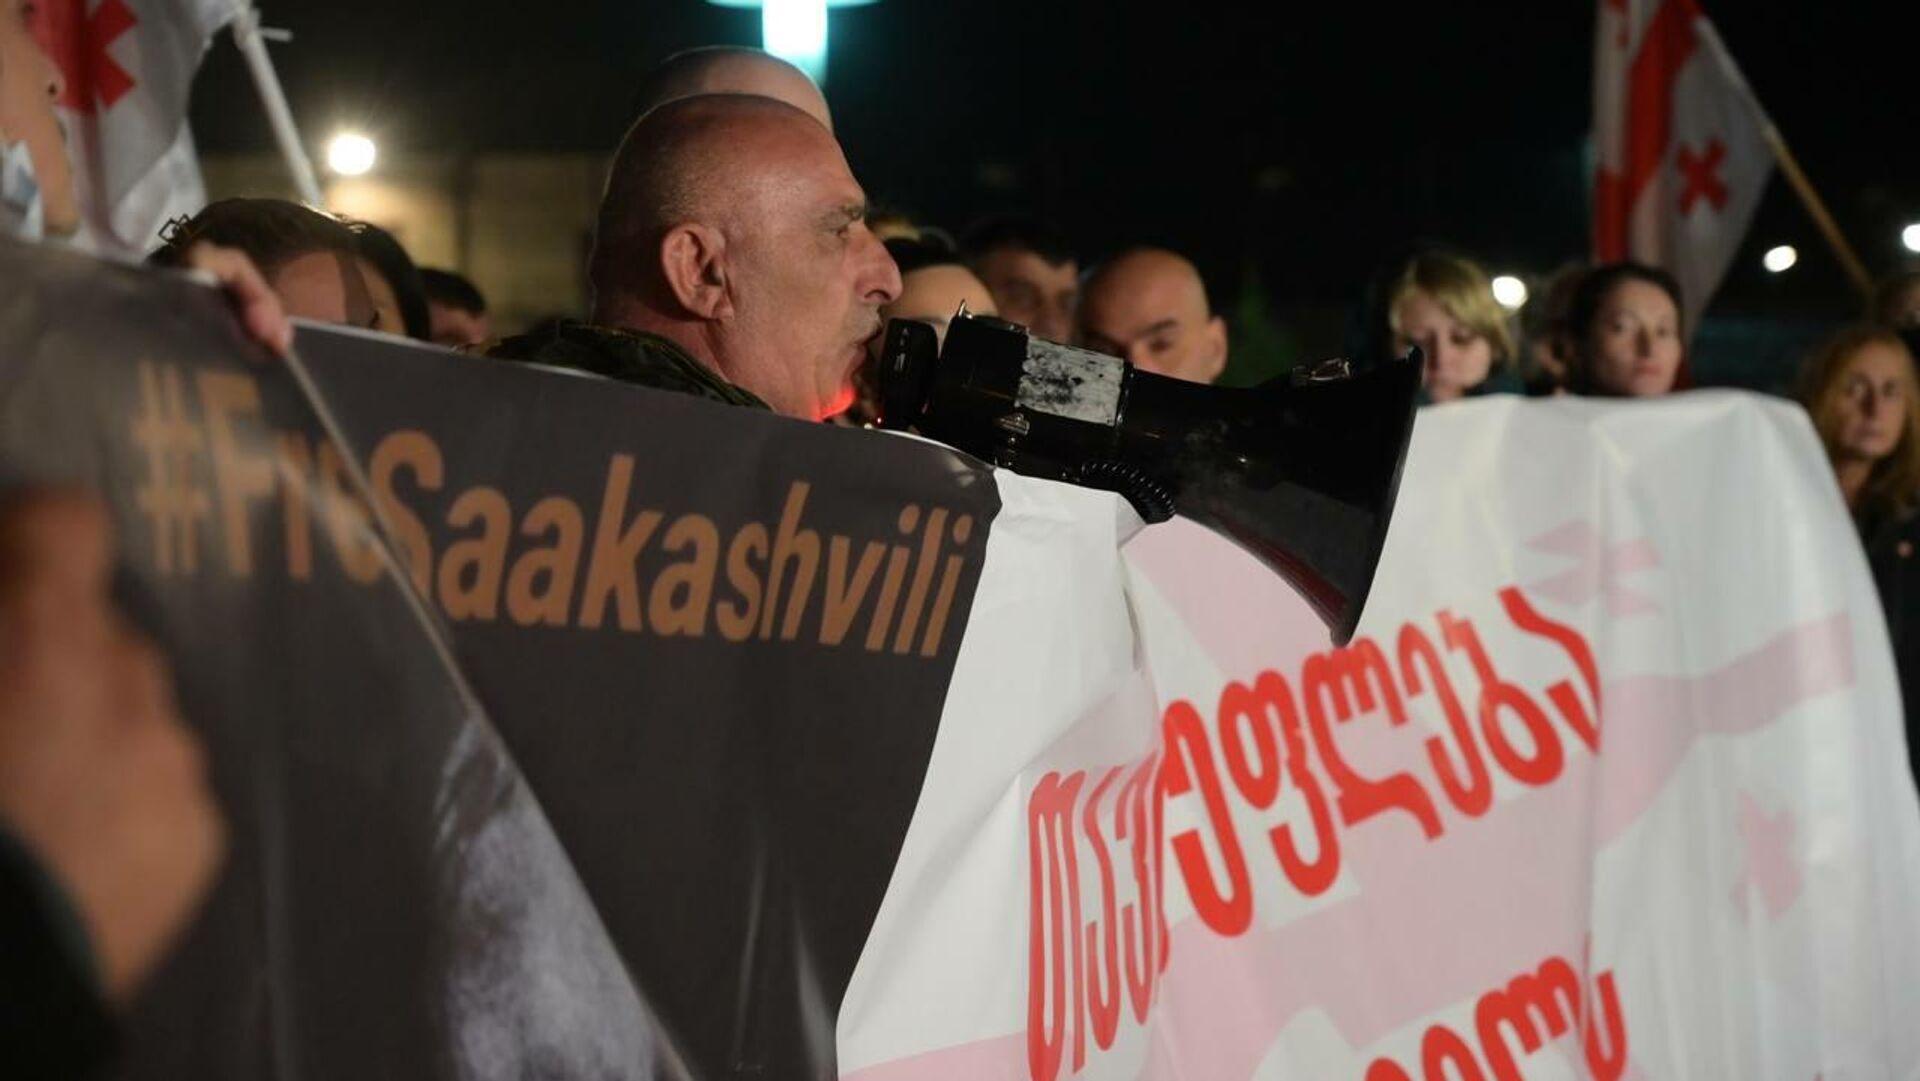 Акция протеста у руставской тюрьмы. 6 октября 2021 года - Sputnik Грузия, 1920, 06.10.2021